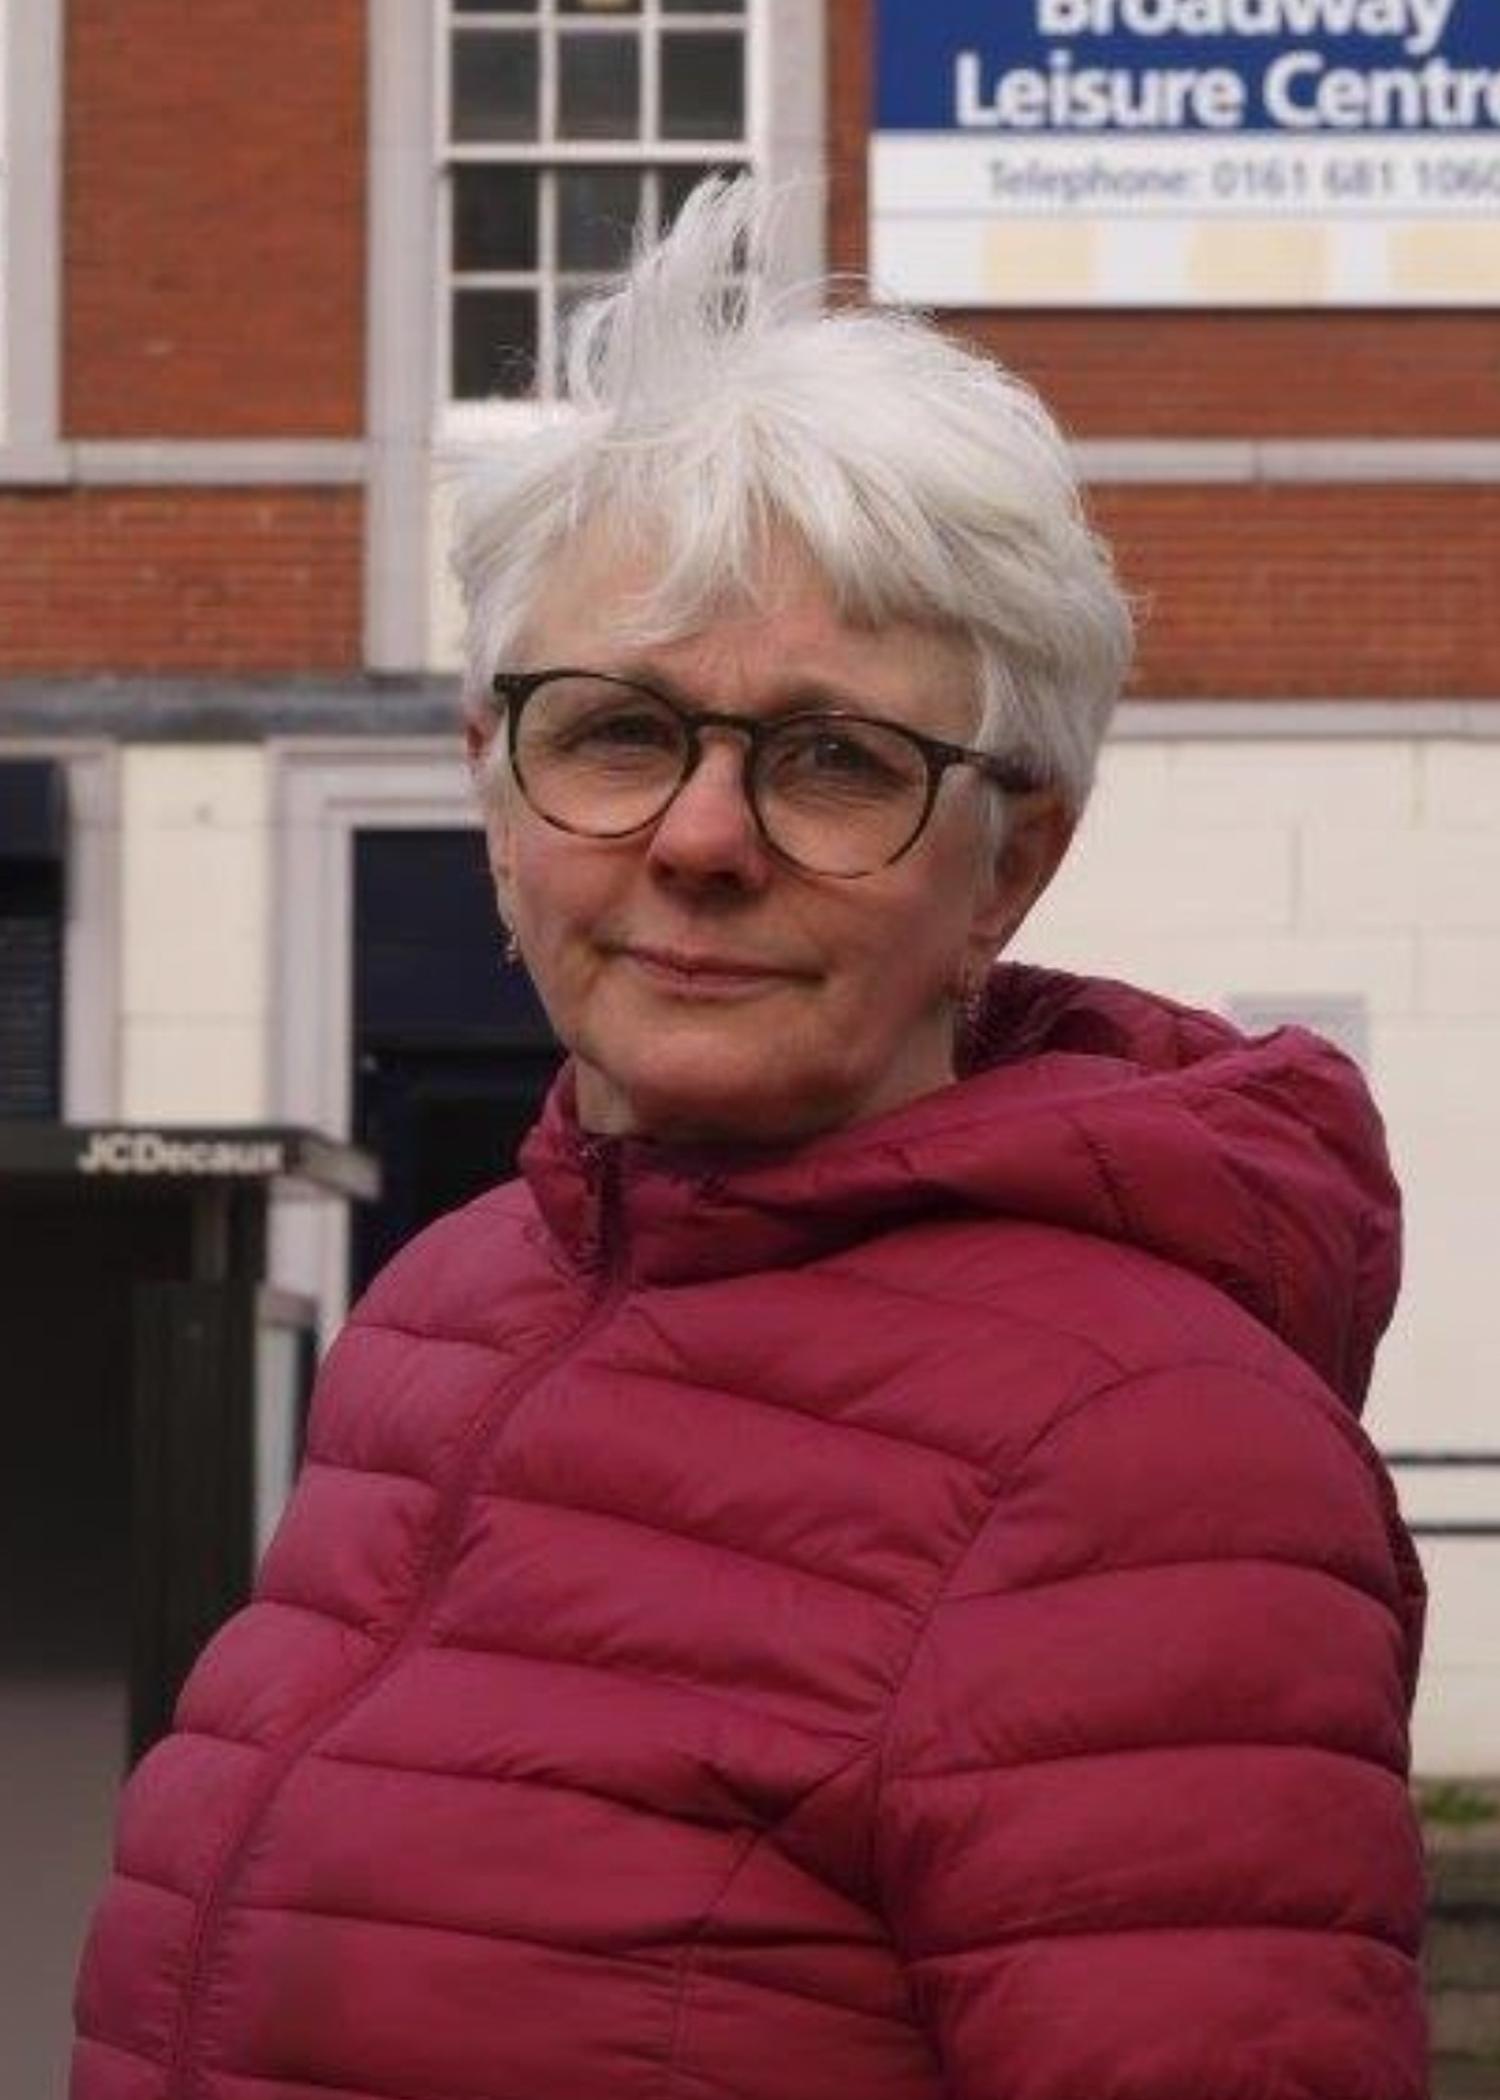 Moston – Diane Kosandiak